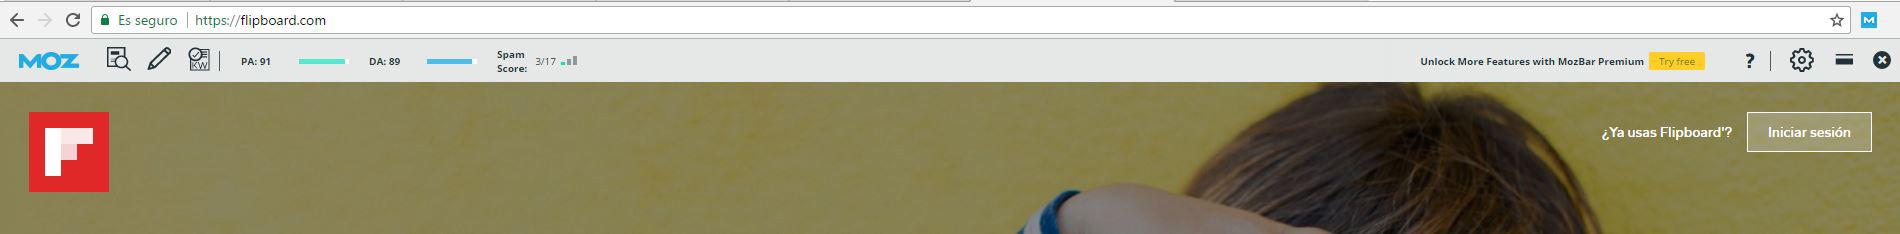 Autoridad que muestra la toolbar de Moz para Flipboard.